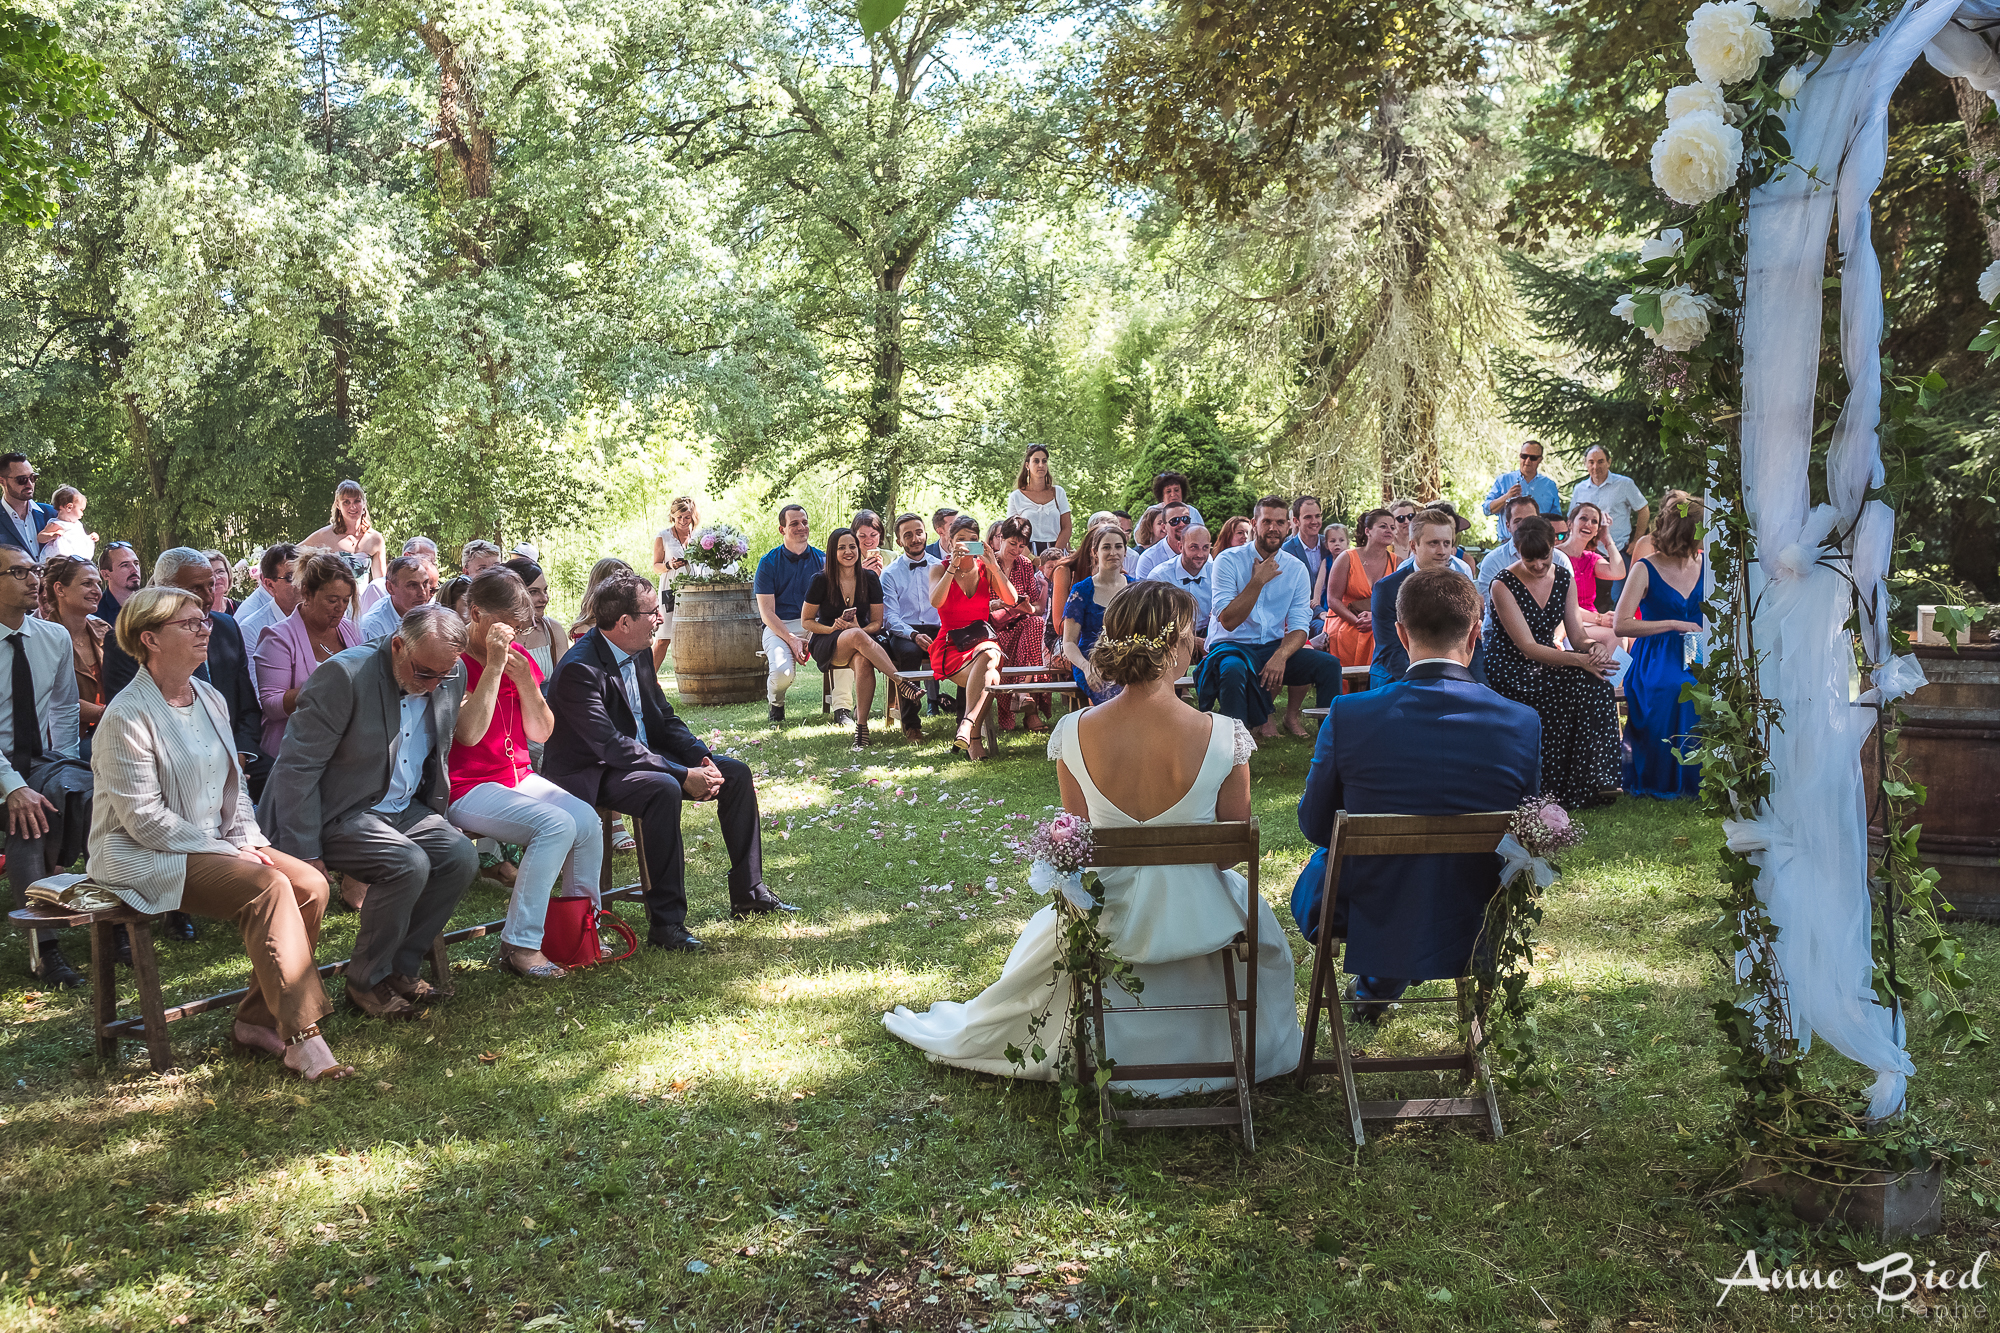 reportage mariage - anne bied - photographe mariage bourgogne - photographe mariage saone et loire - photographe mariage ceremonie laïque